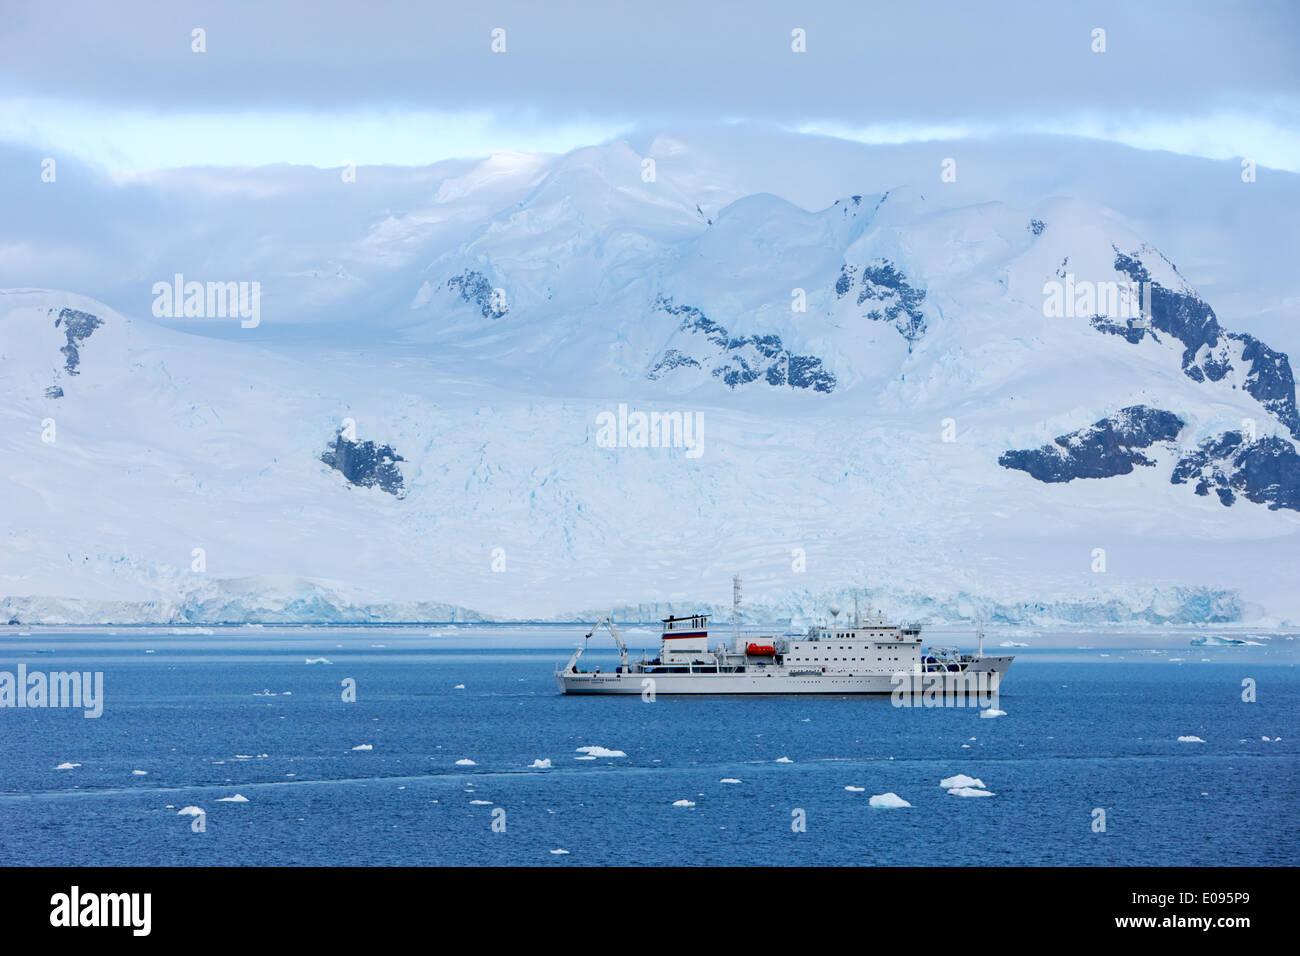 Akademik sergey vavilov en navire d'expédition Neko Harbour péninsule arctowski continent Antarctique Antarctique Banque D'Images